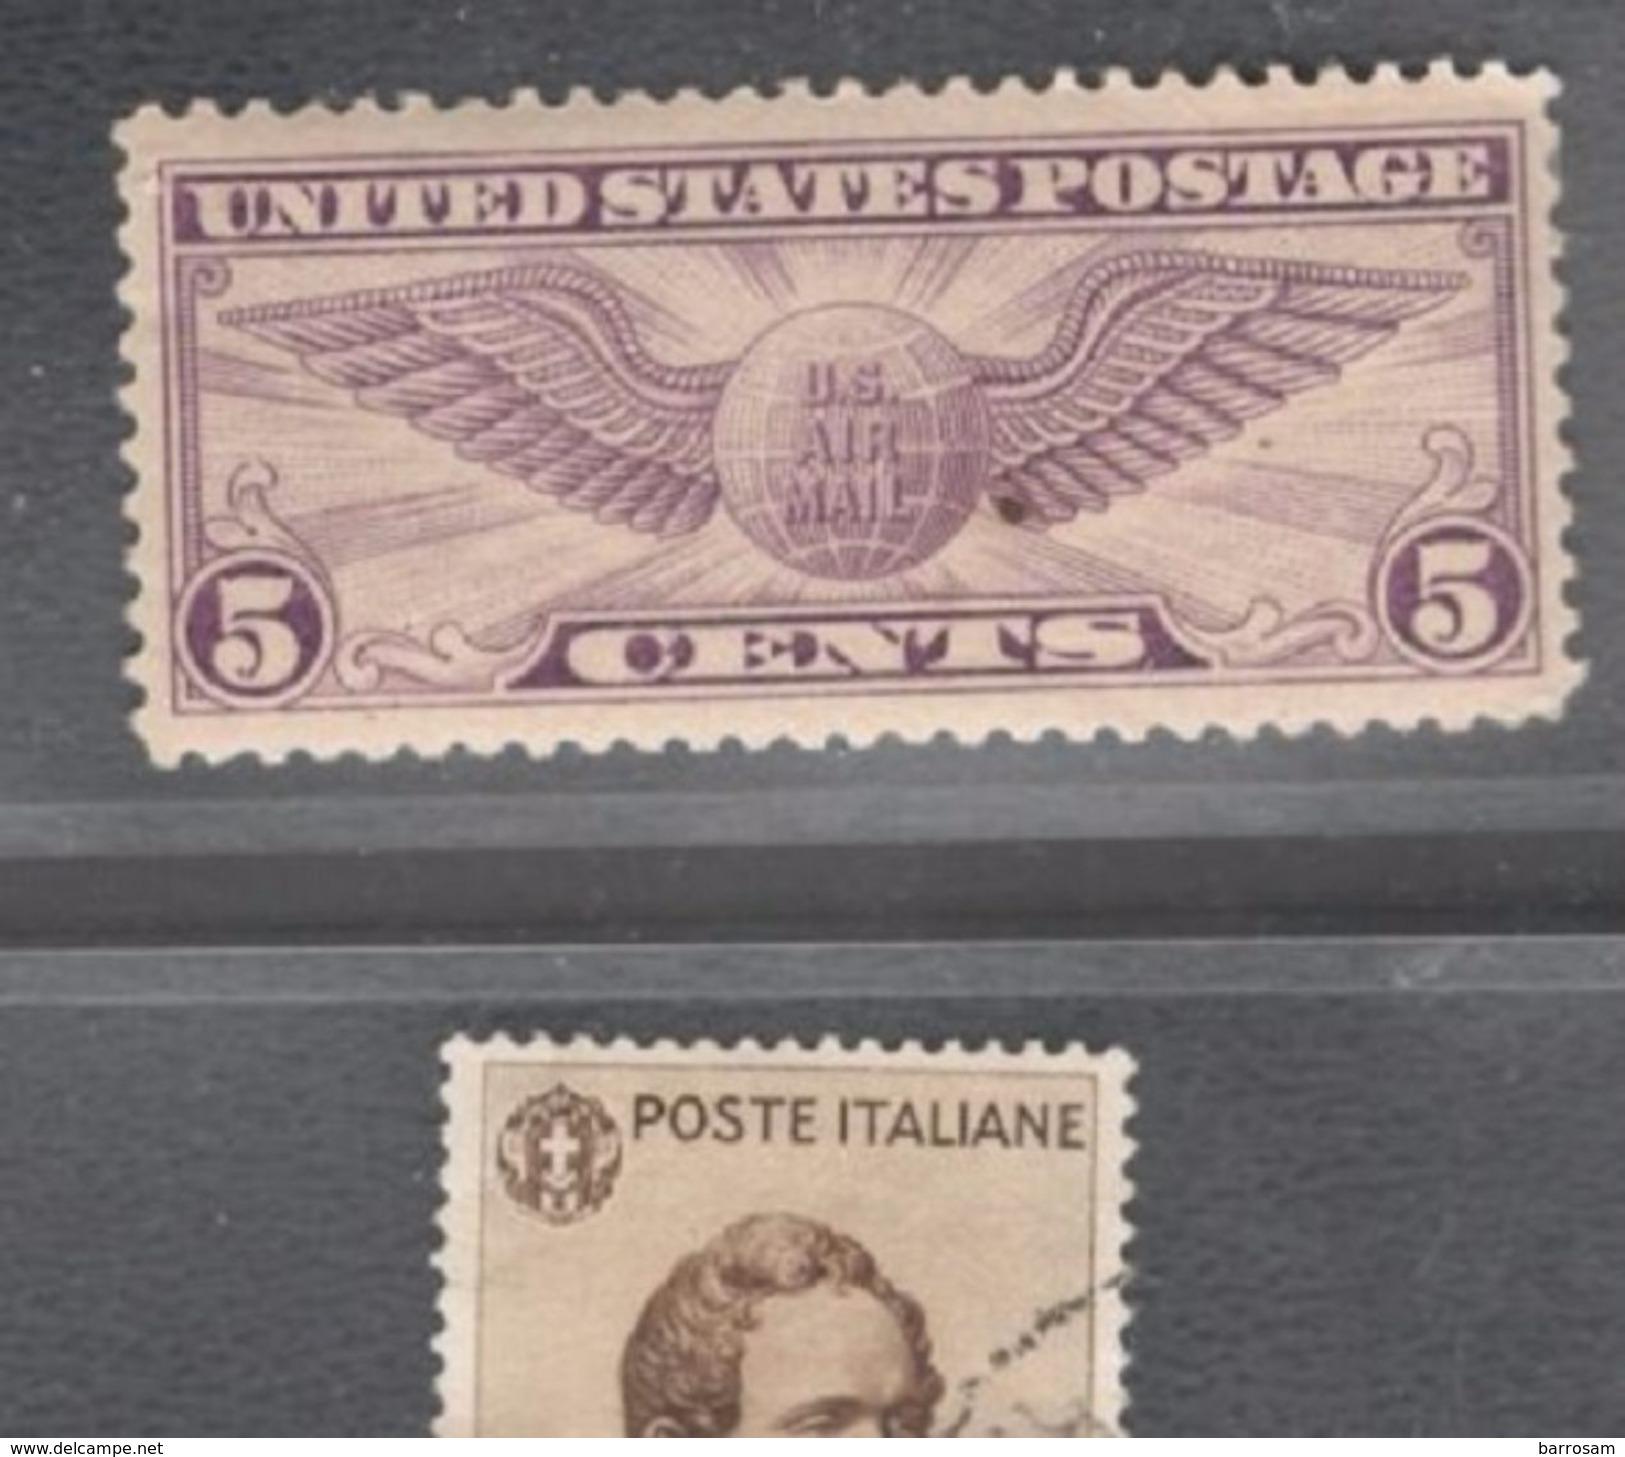 UnitedStates1930:Scott C12  Mh* (Michel321c)Cat.Value $9.00 - Air Mail